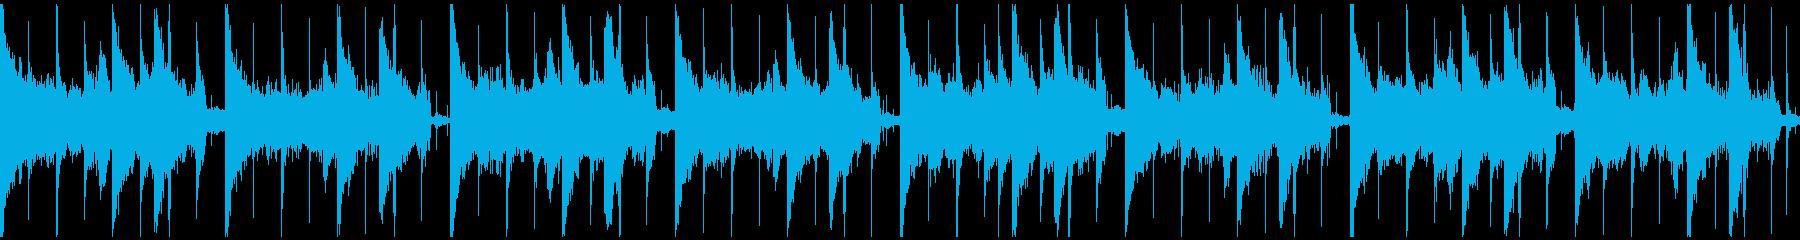 90年代トリップホップ風ループの再生済みの波形